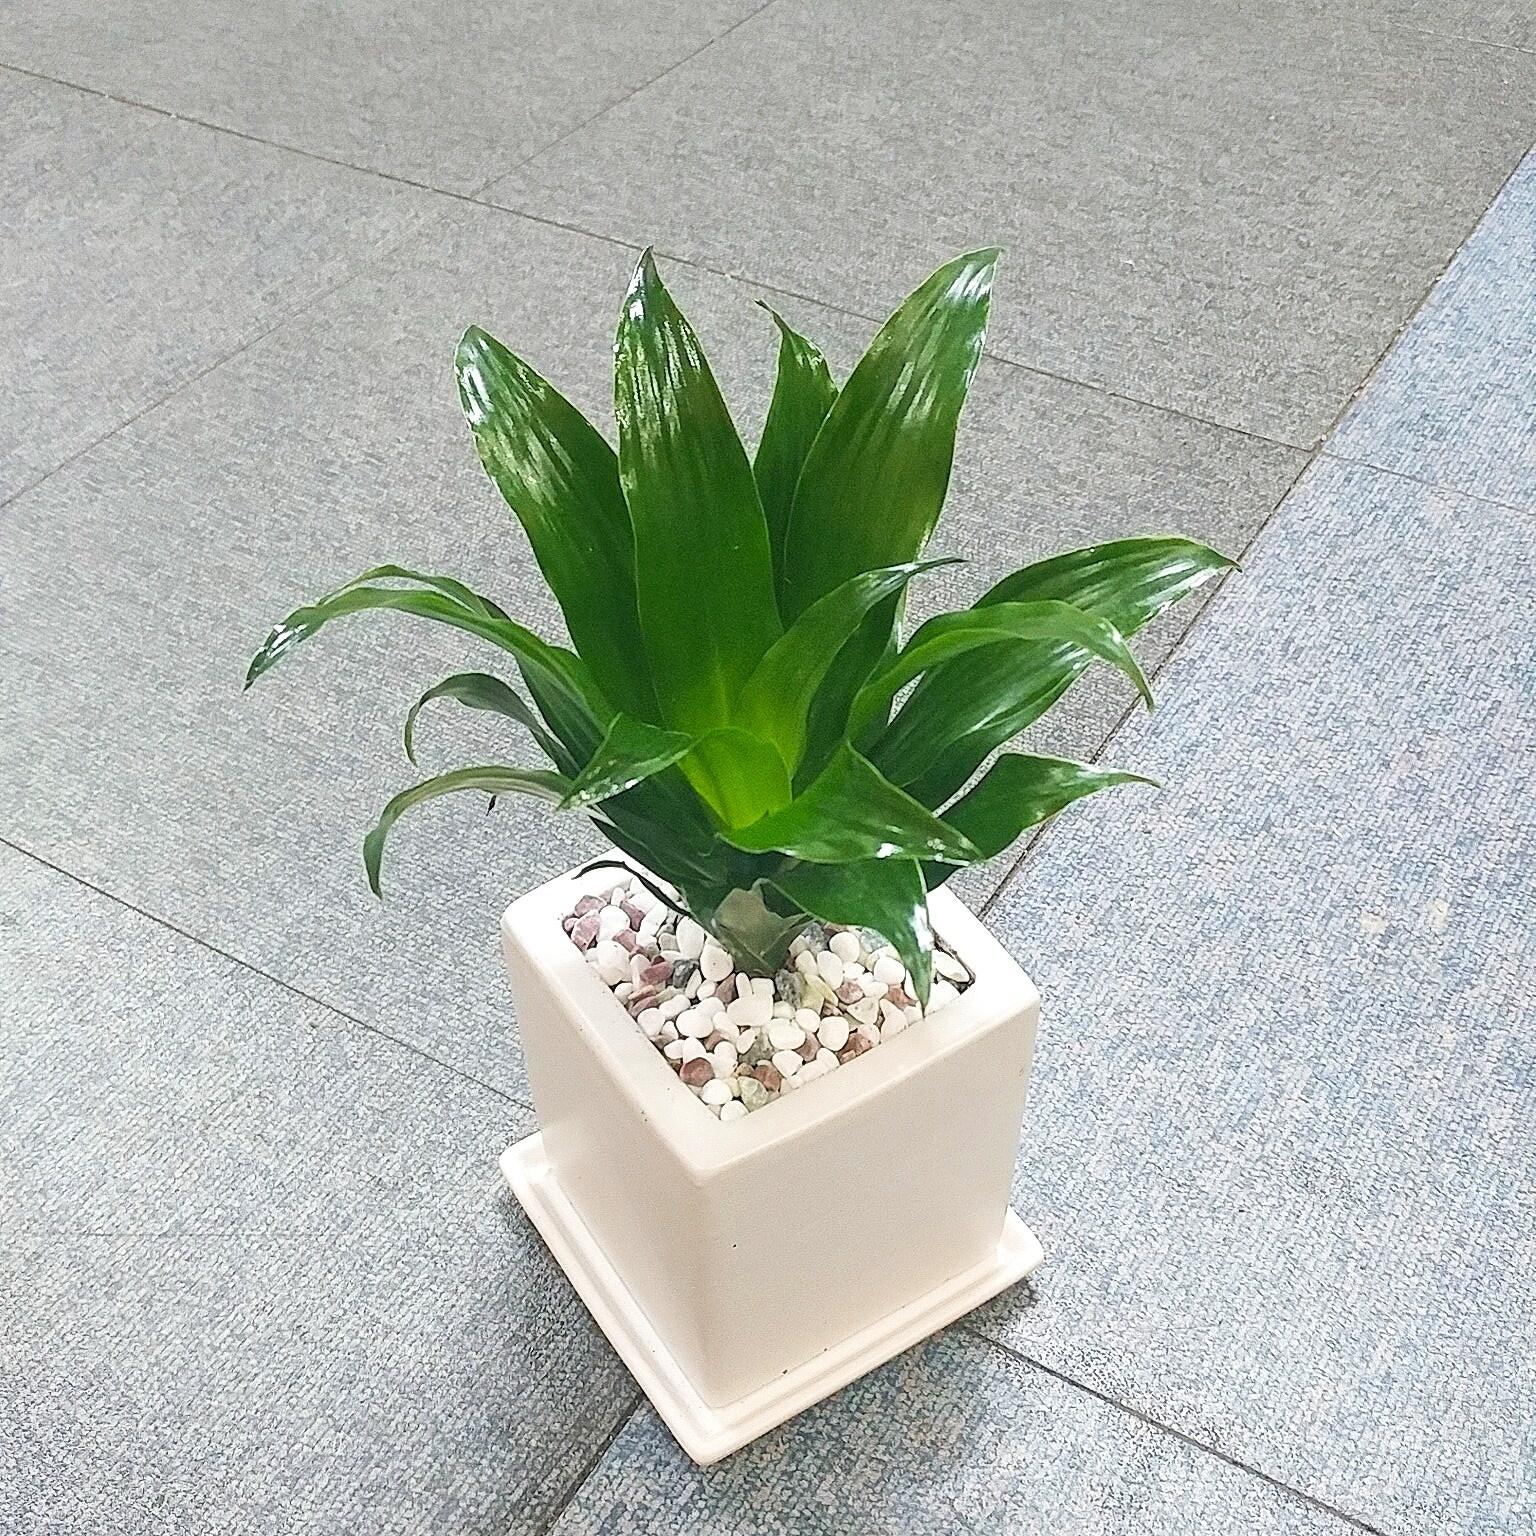 꽃피우는청년 키우기 쉬운 실내공기정화식물 사각 화이트 화분 (무광), 1개, 콤팩타